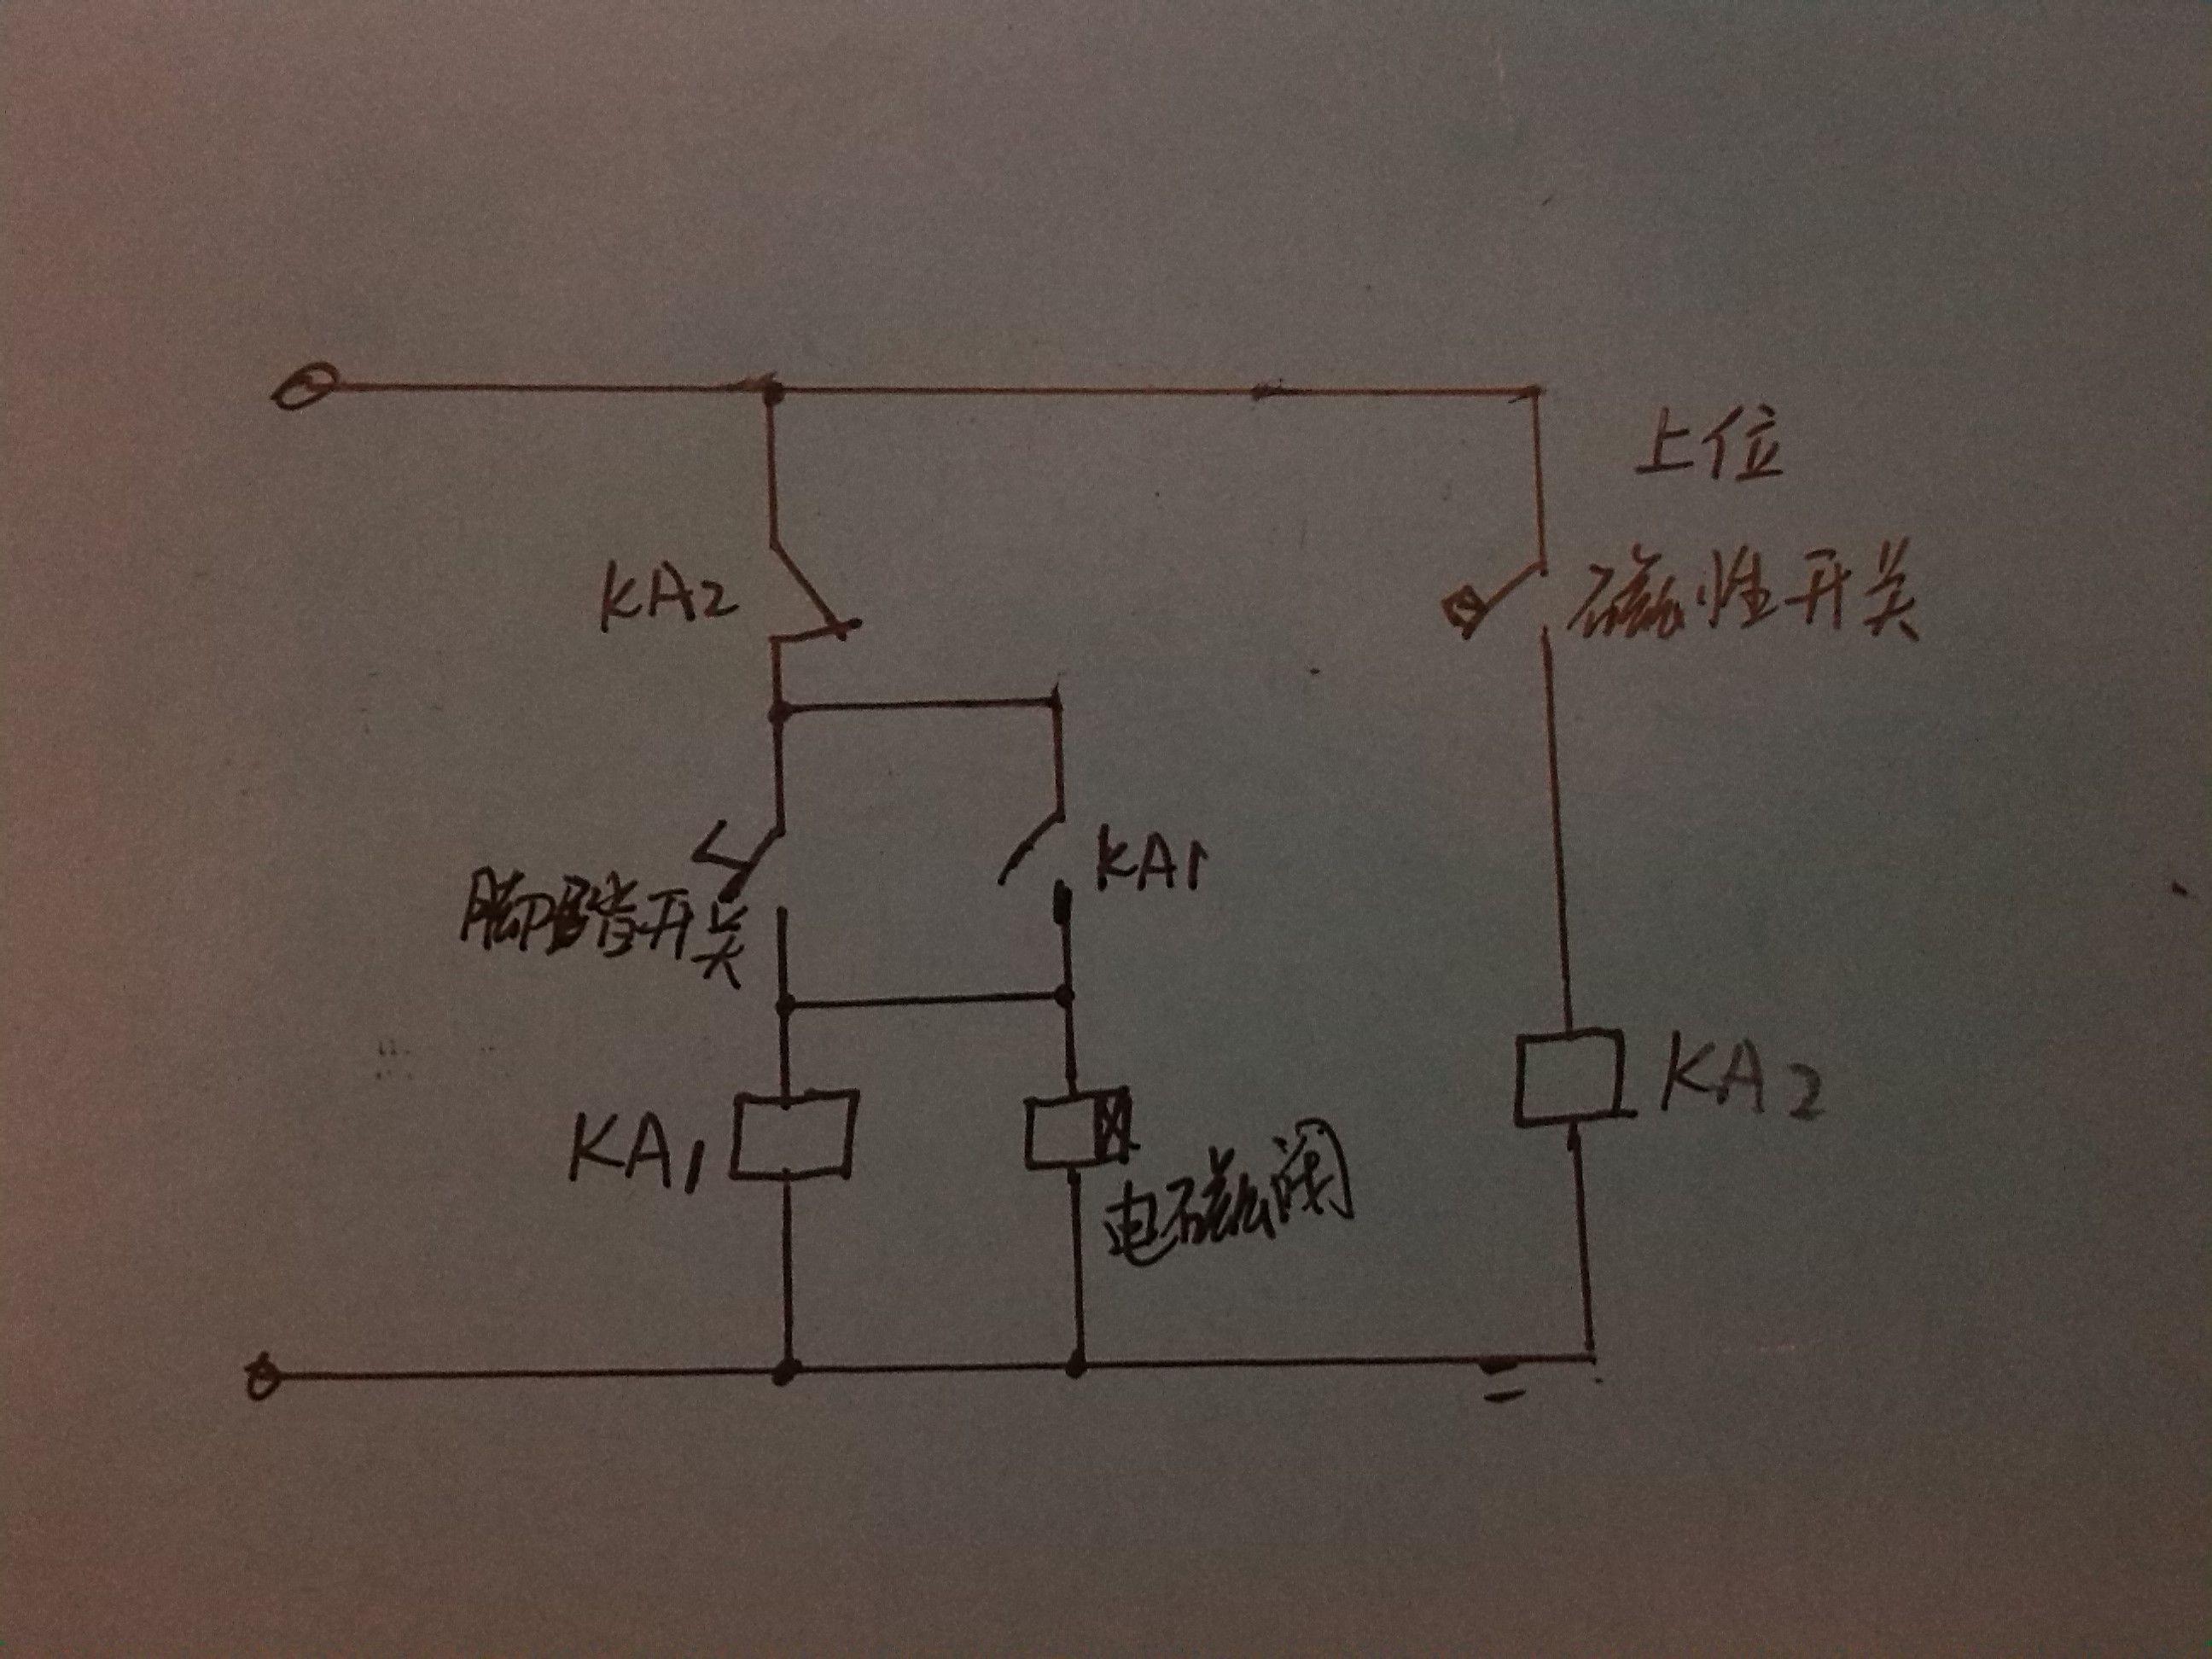 一个脚踏开关,两个继电器,一个电磁阀两个磁性开关控制一个磁性气缸图片